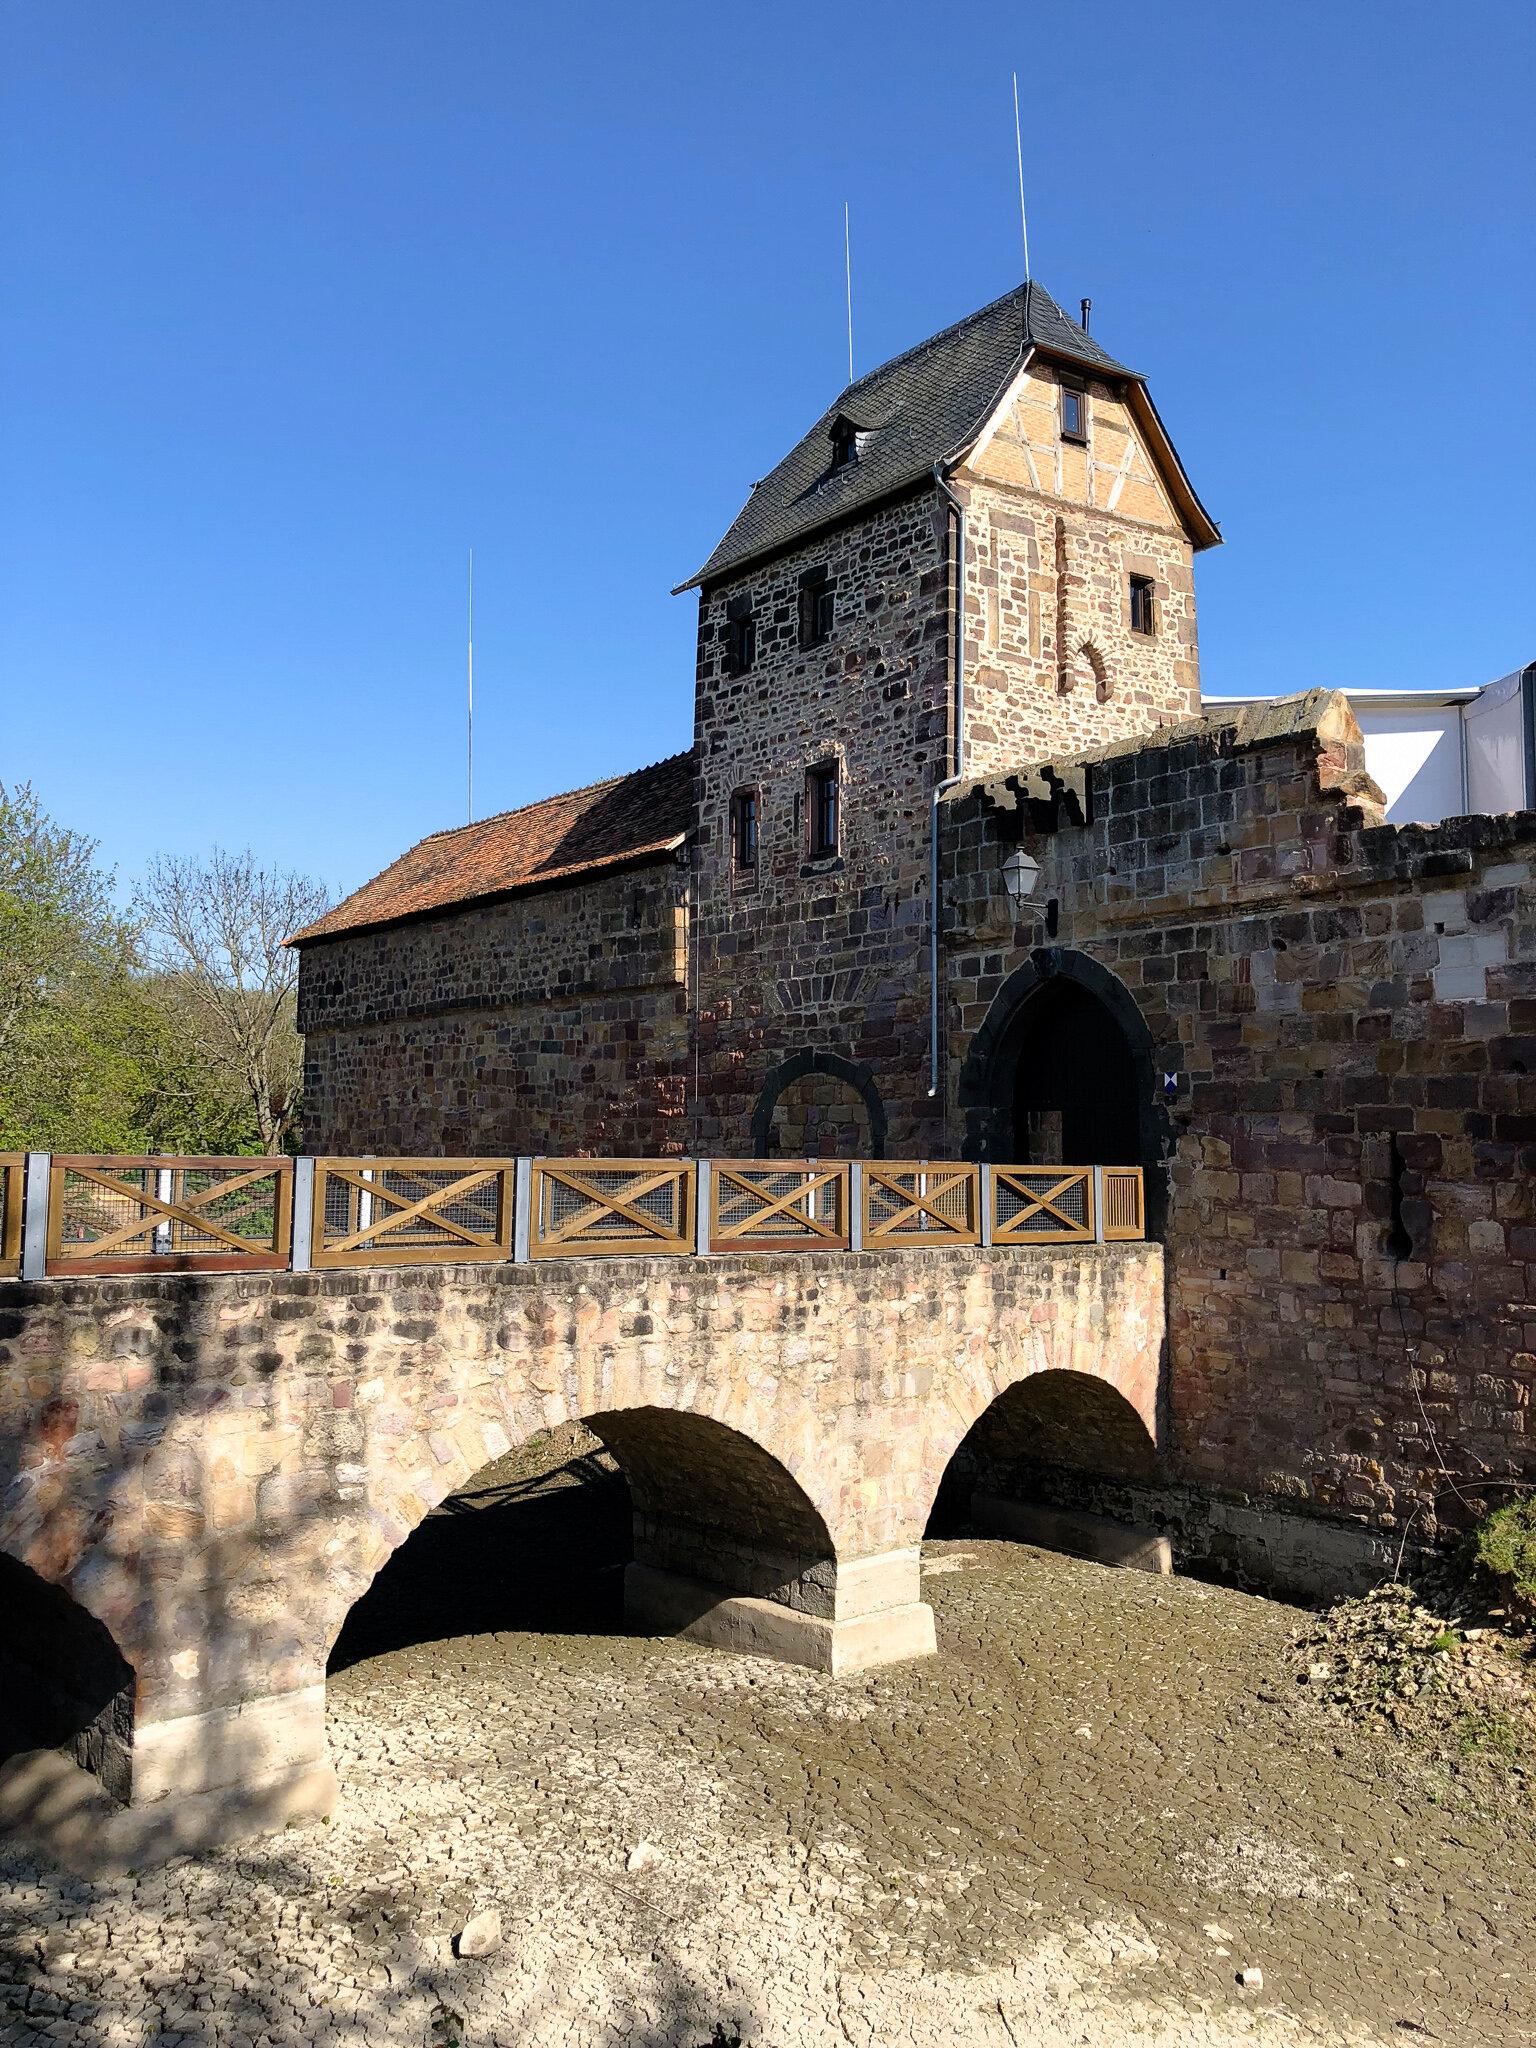 Burgfestspiele, Bad Vilbel